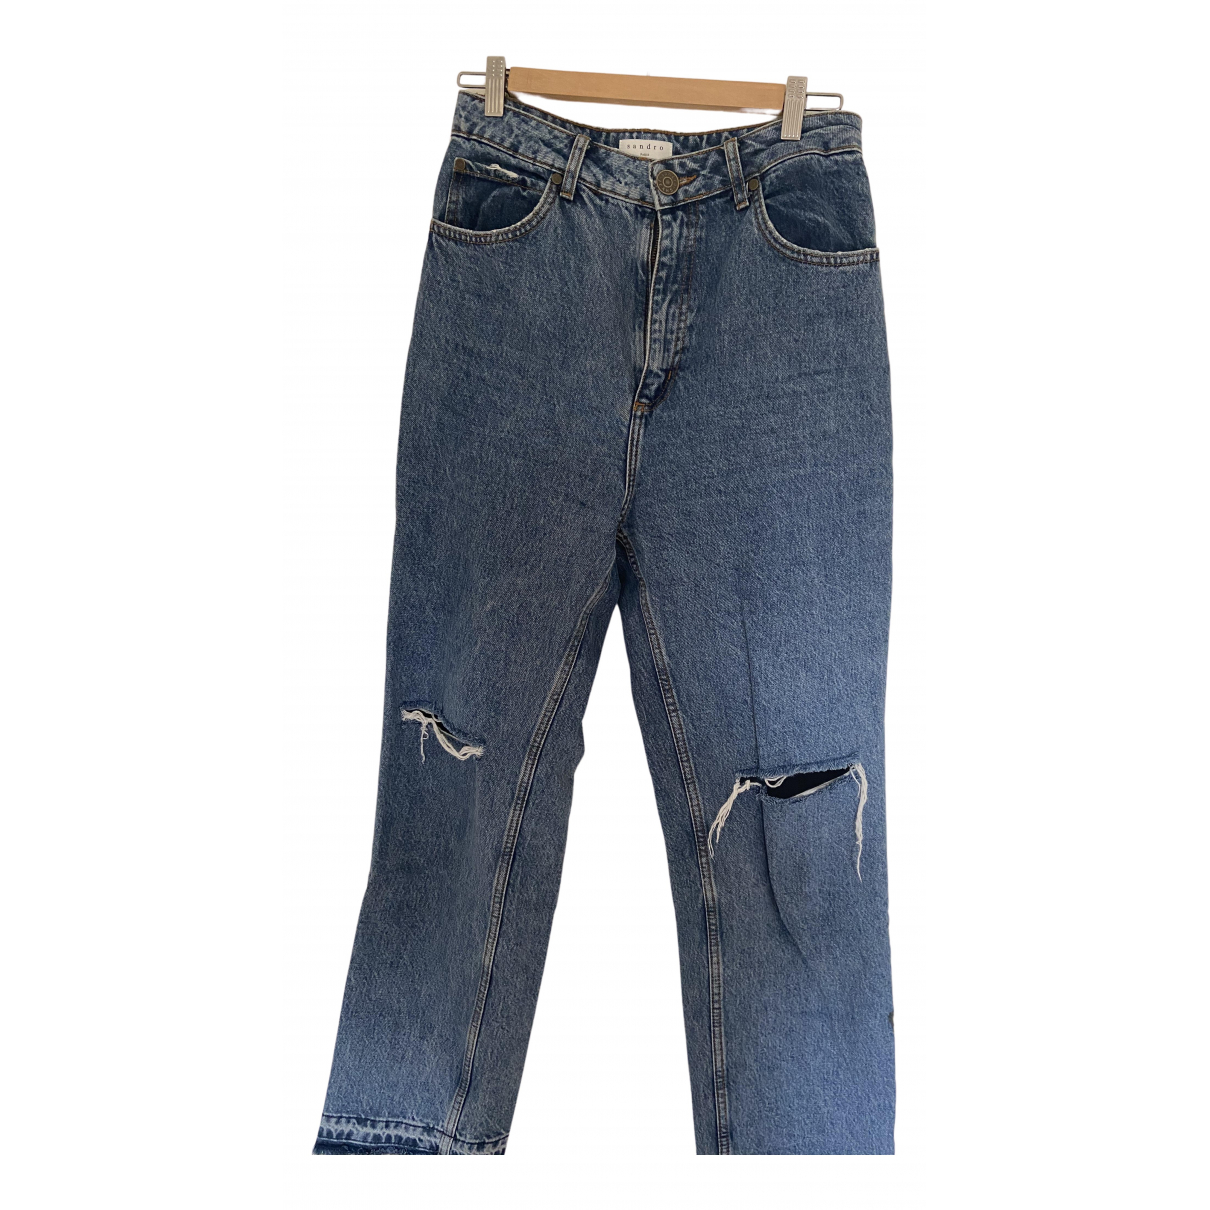 Sandro Fall Winter 2019 Blue Denim - Jeans Jeans for Women 38 FR